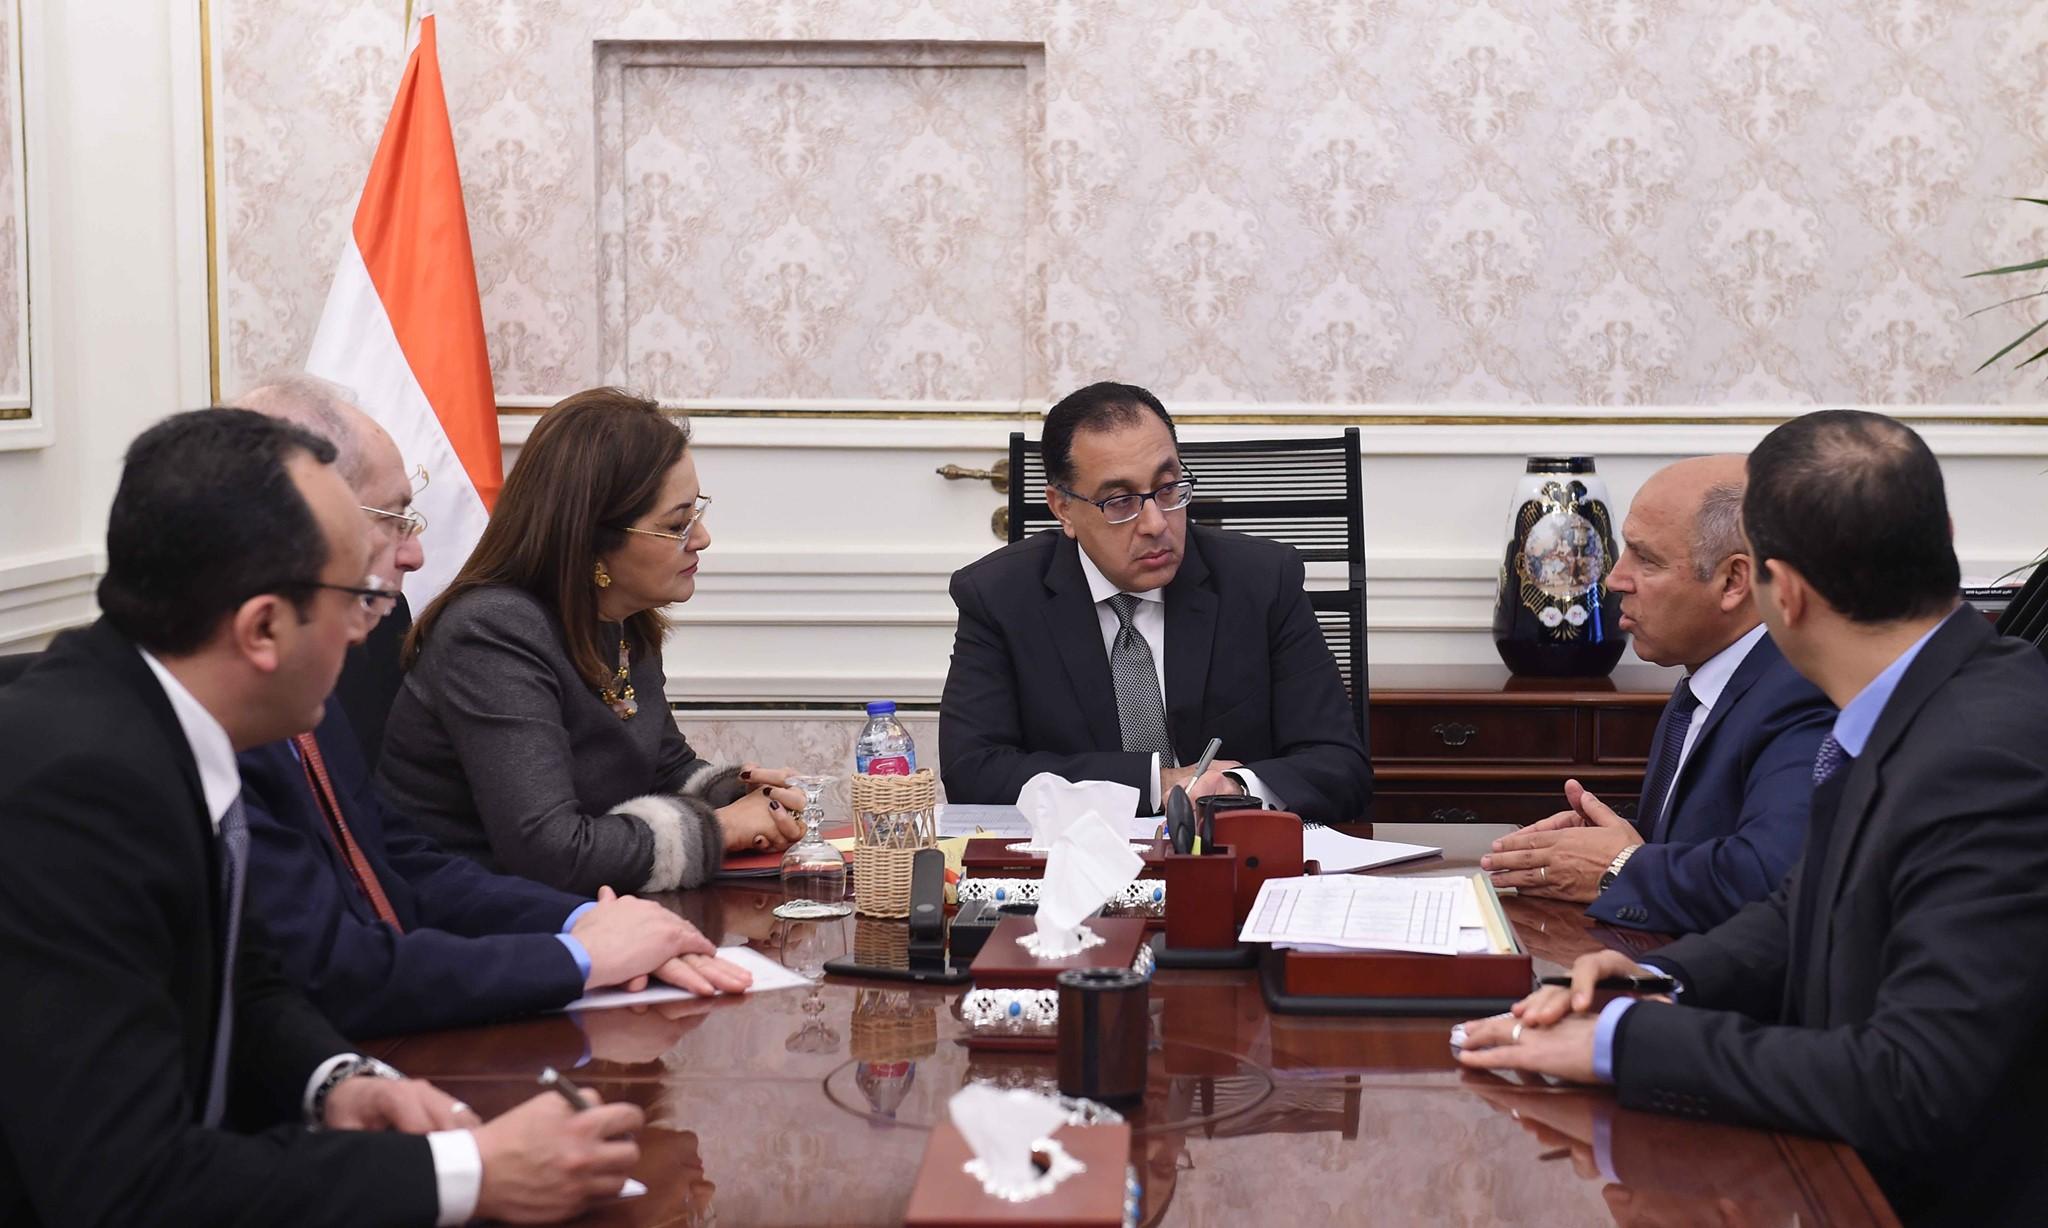 صور | رئيس الوزراء يتابع جهود توطين صناعة السكك الحديدية والمترو فى مصر